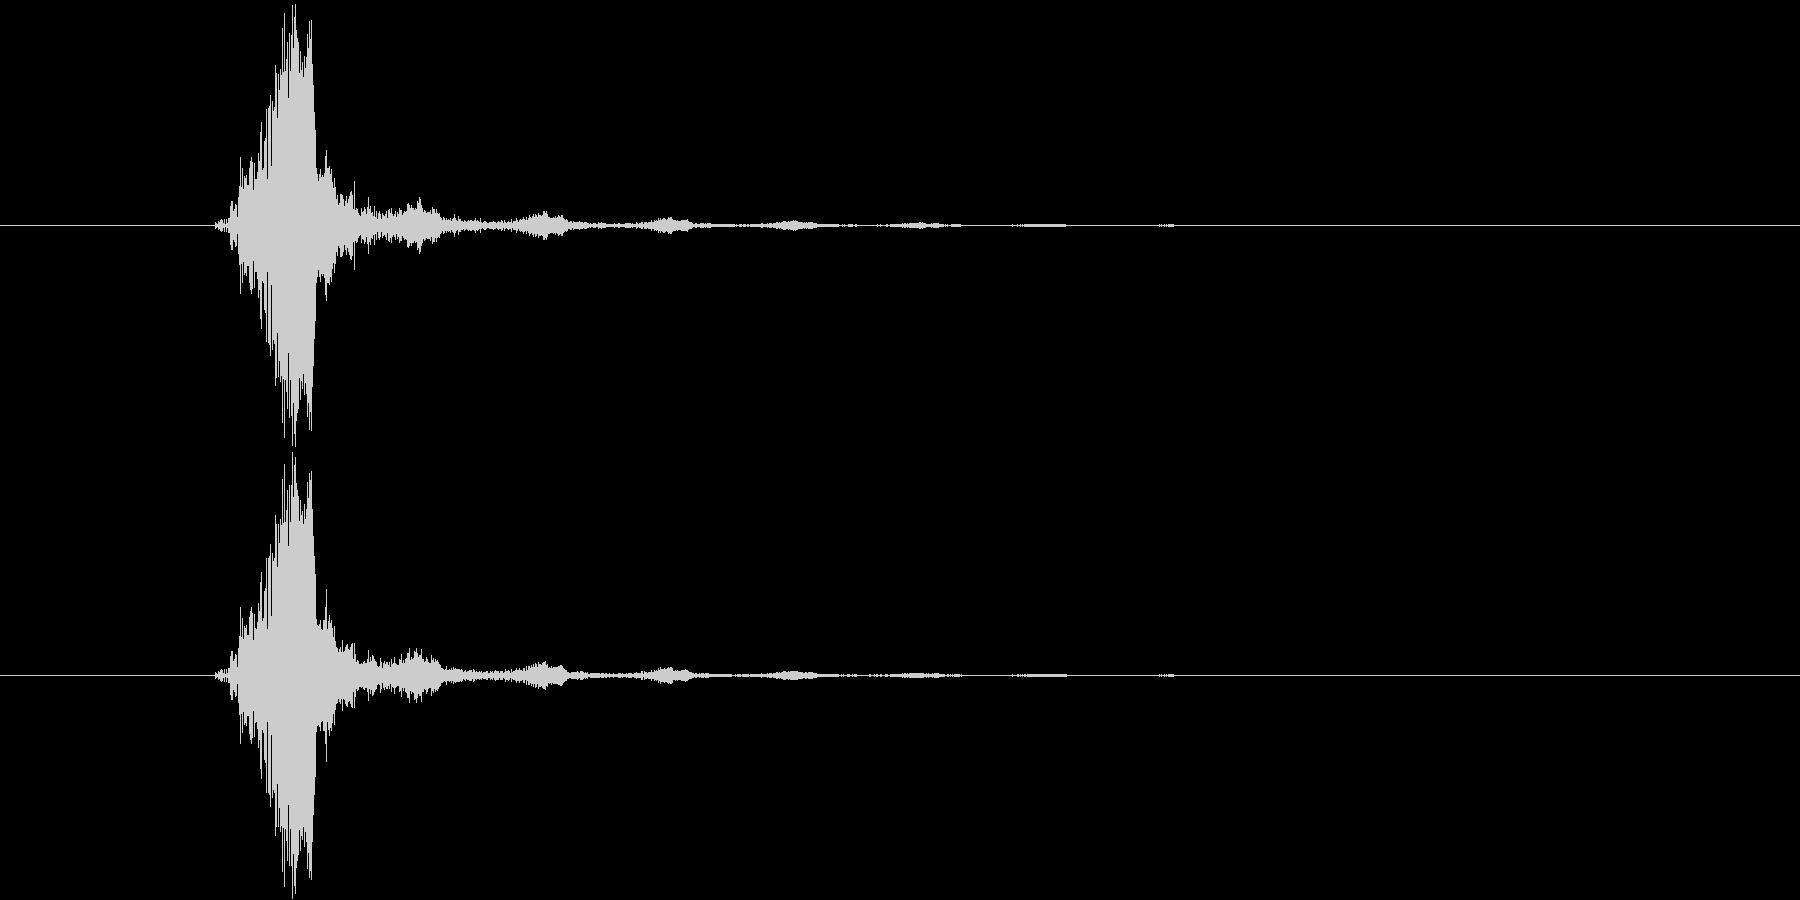 水滴が落ちるイメージのシンセ音の未再生の波形